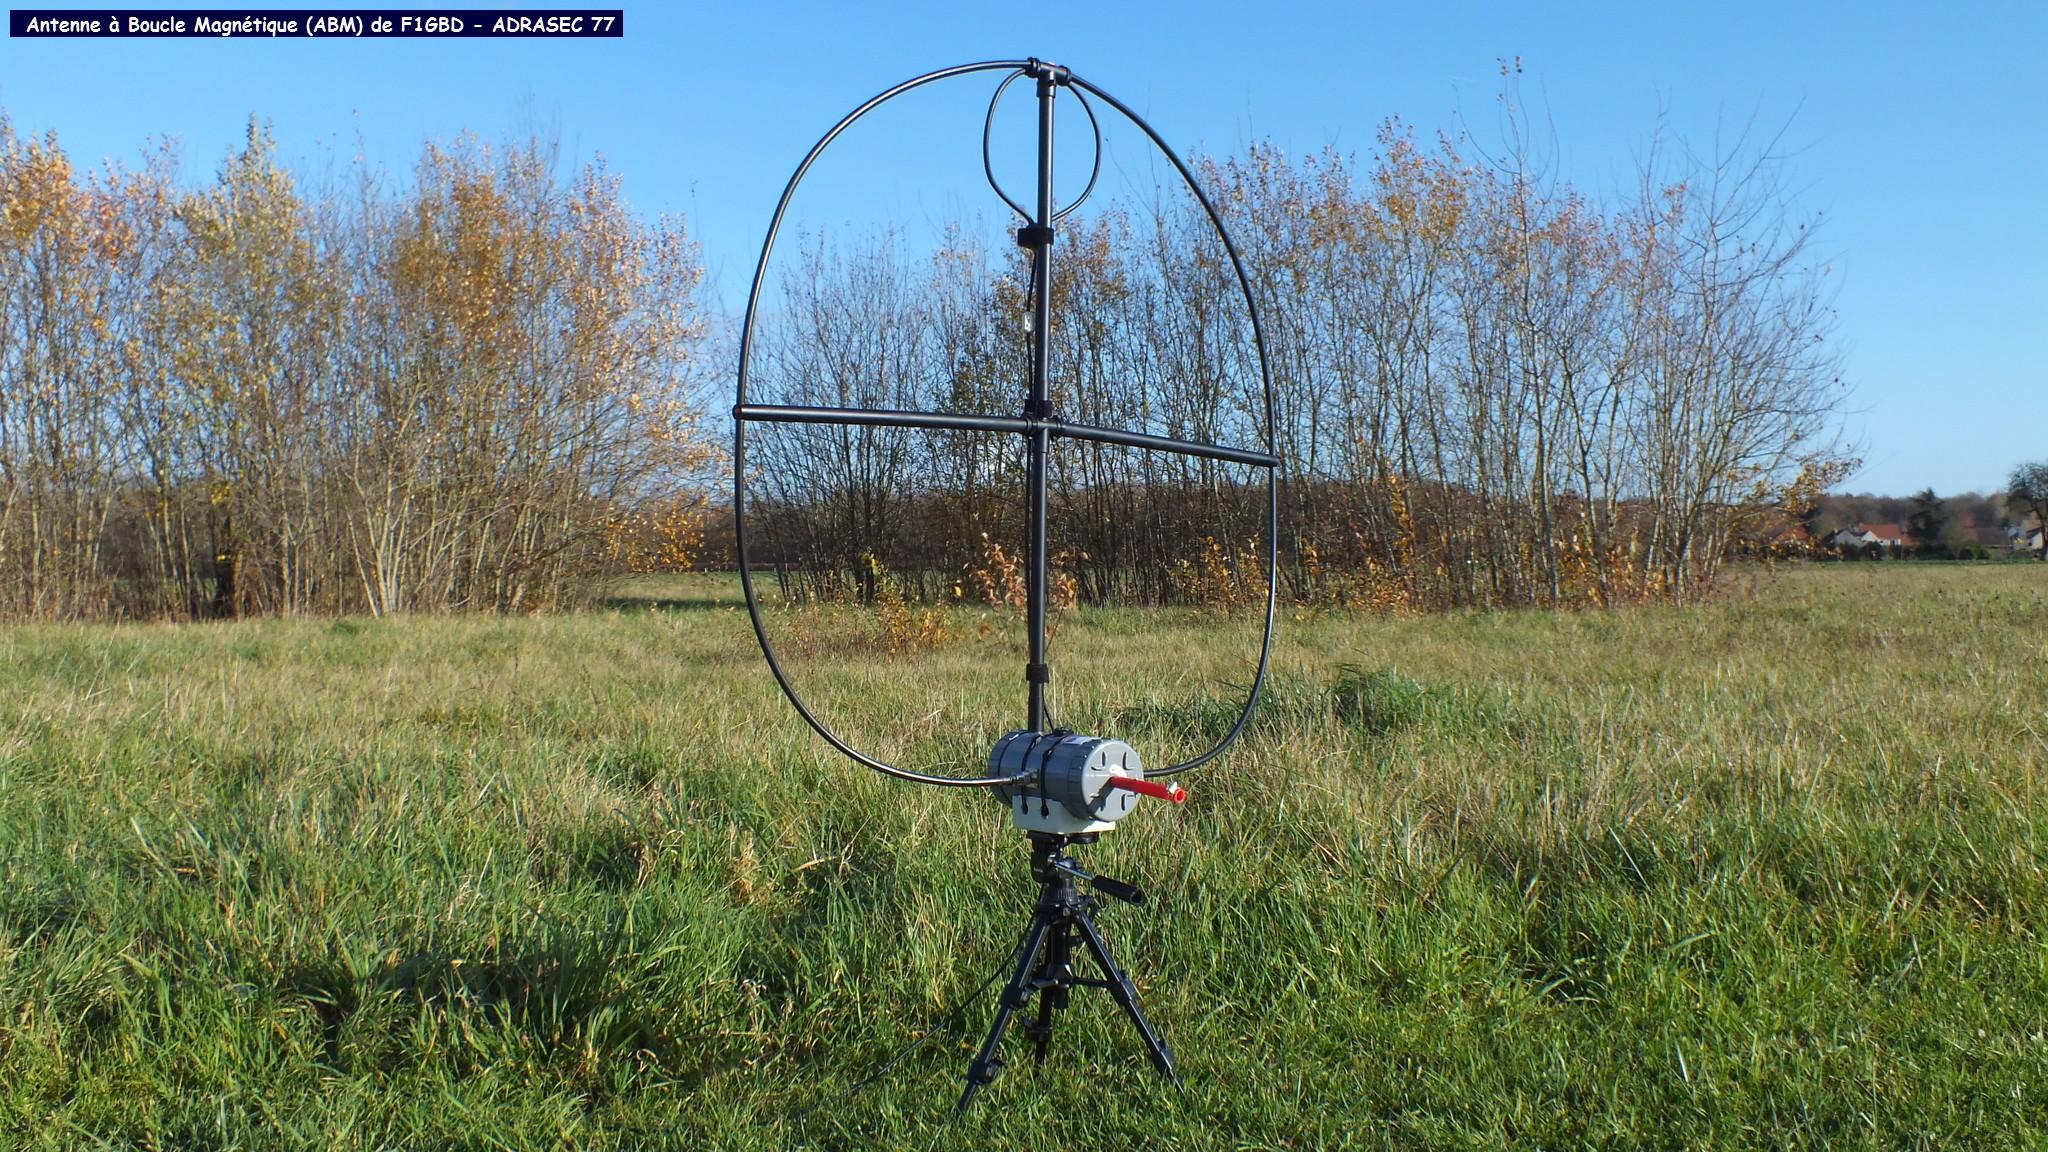 l'Antenne à Boucle Magnétique